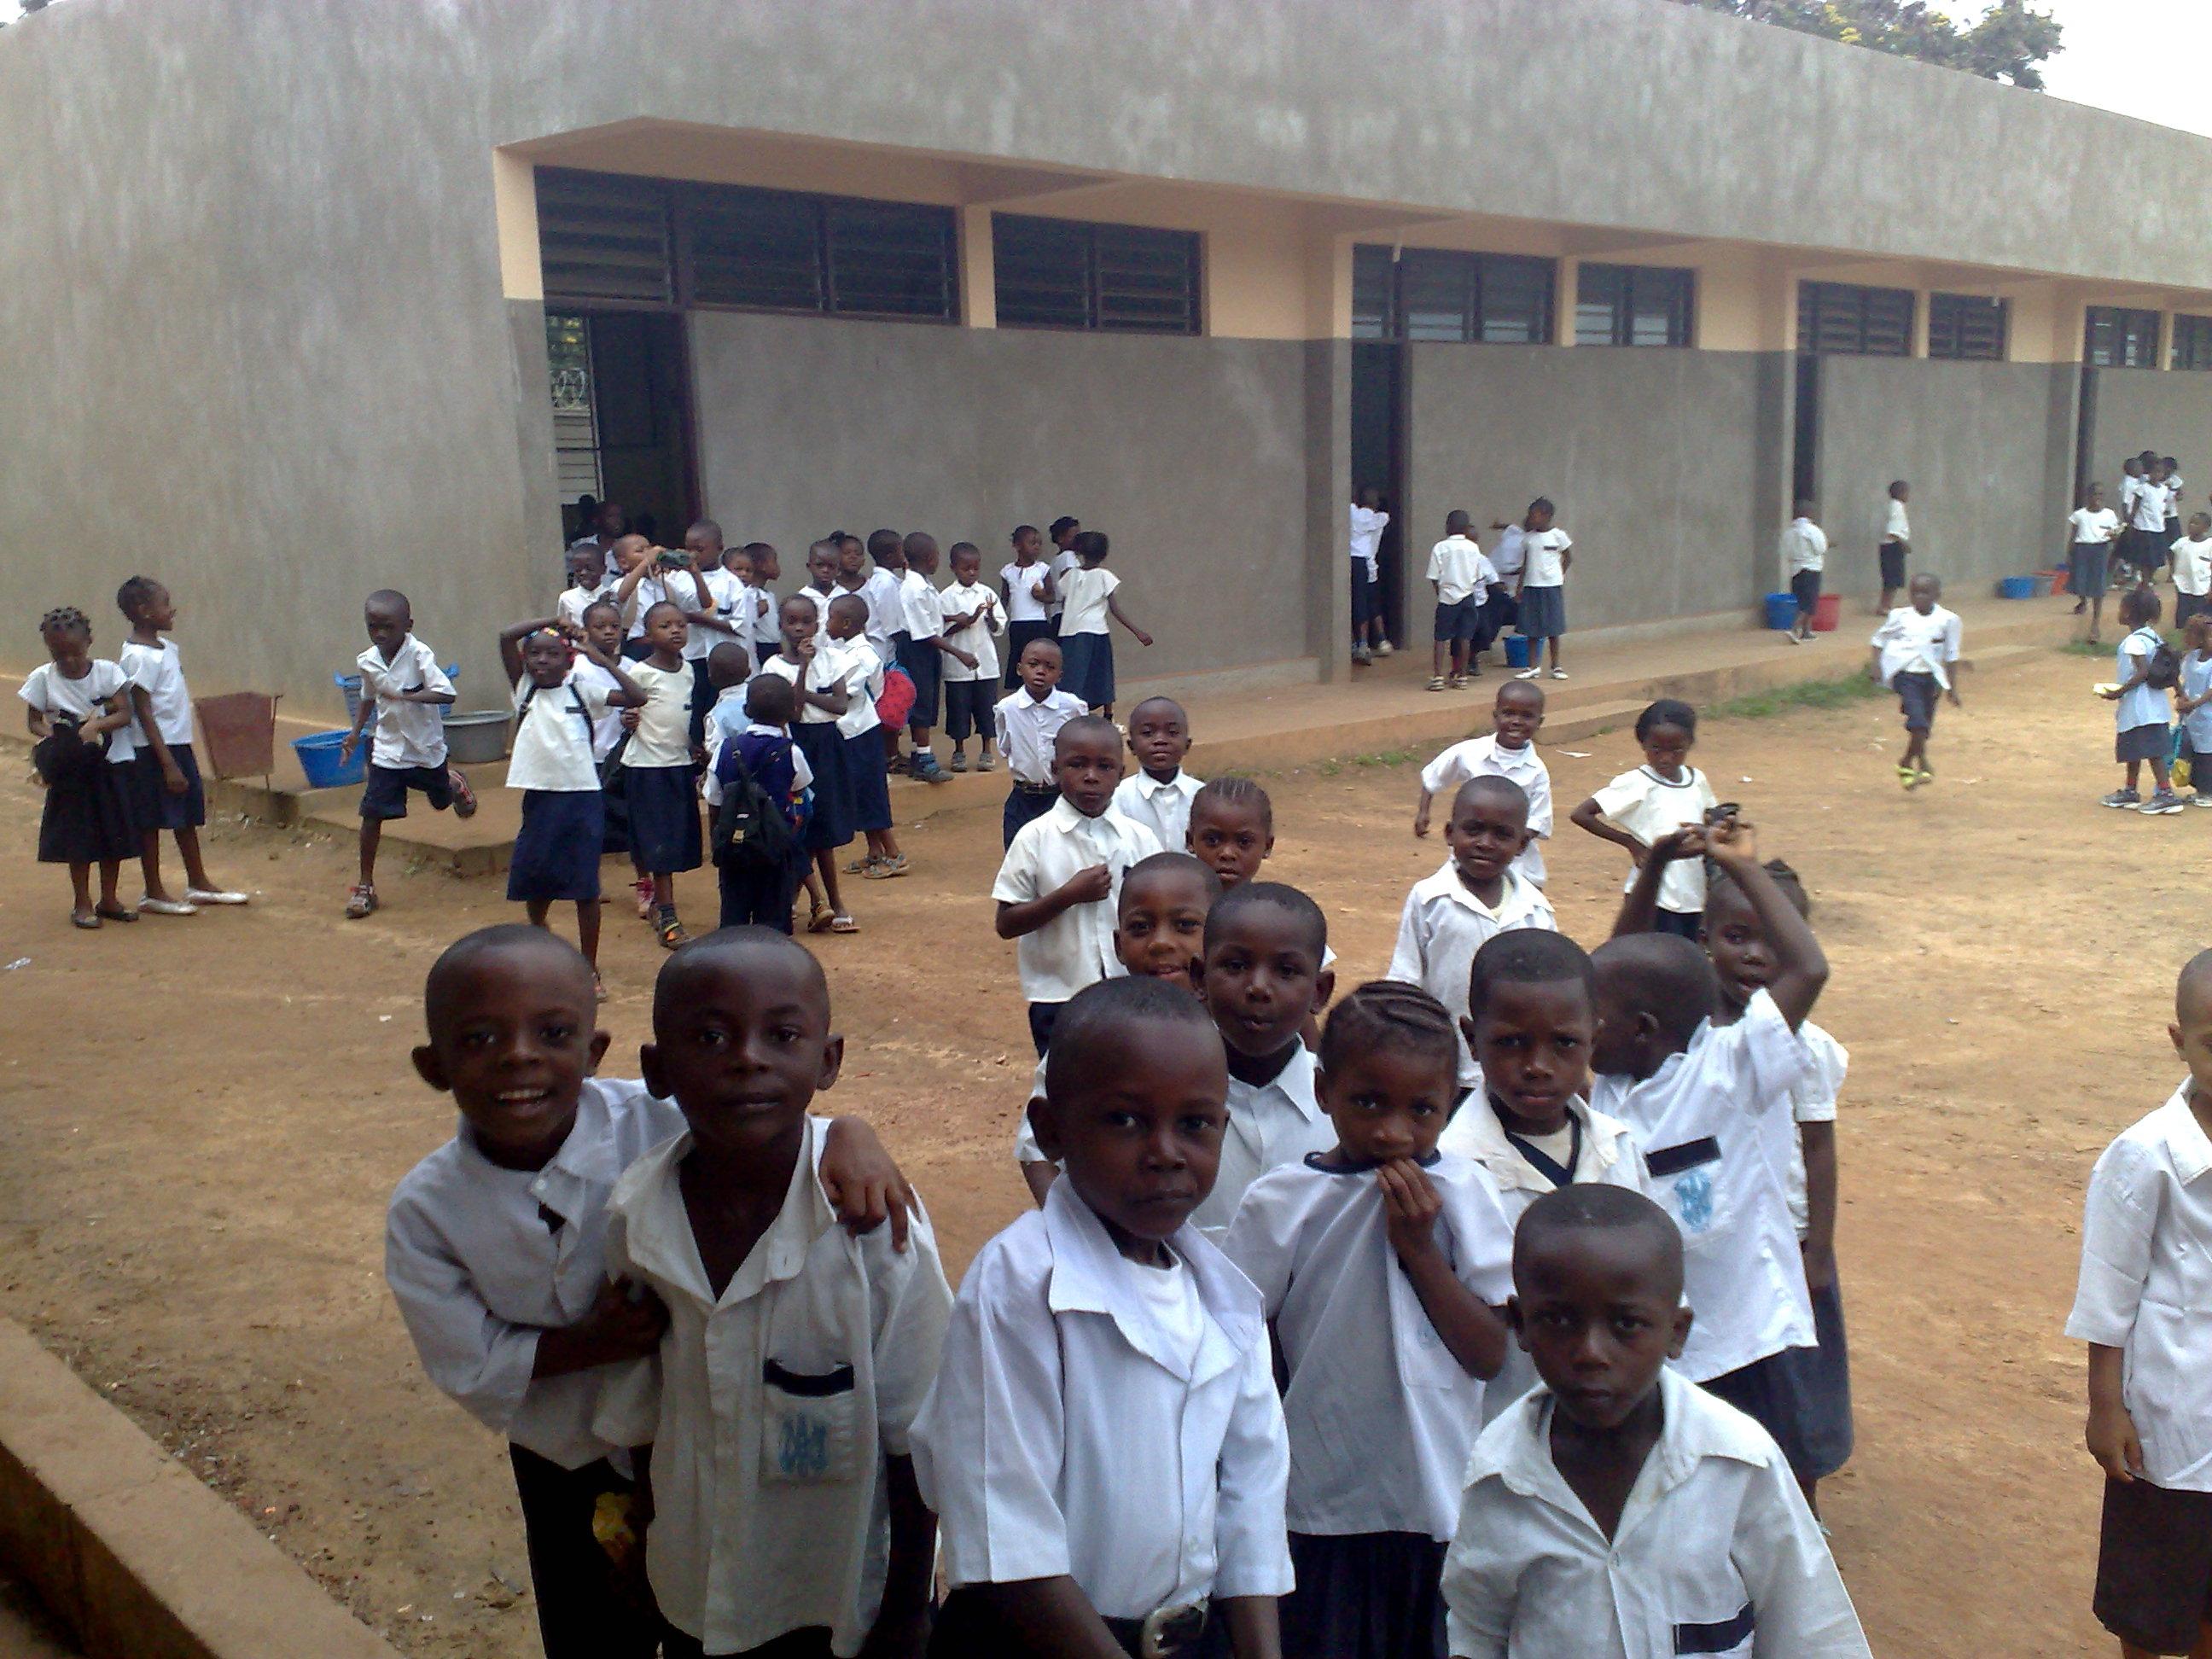 Niños de Primaria en el patio de la escuela